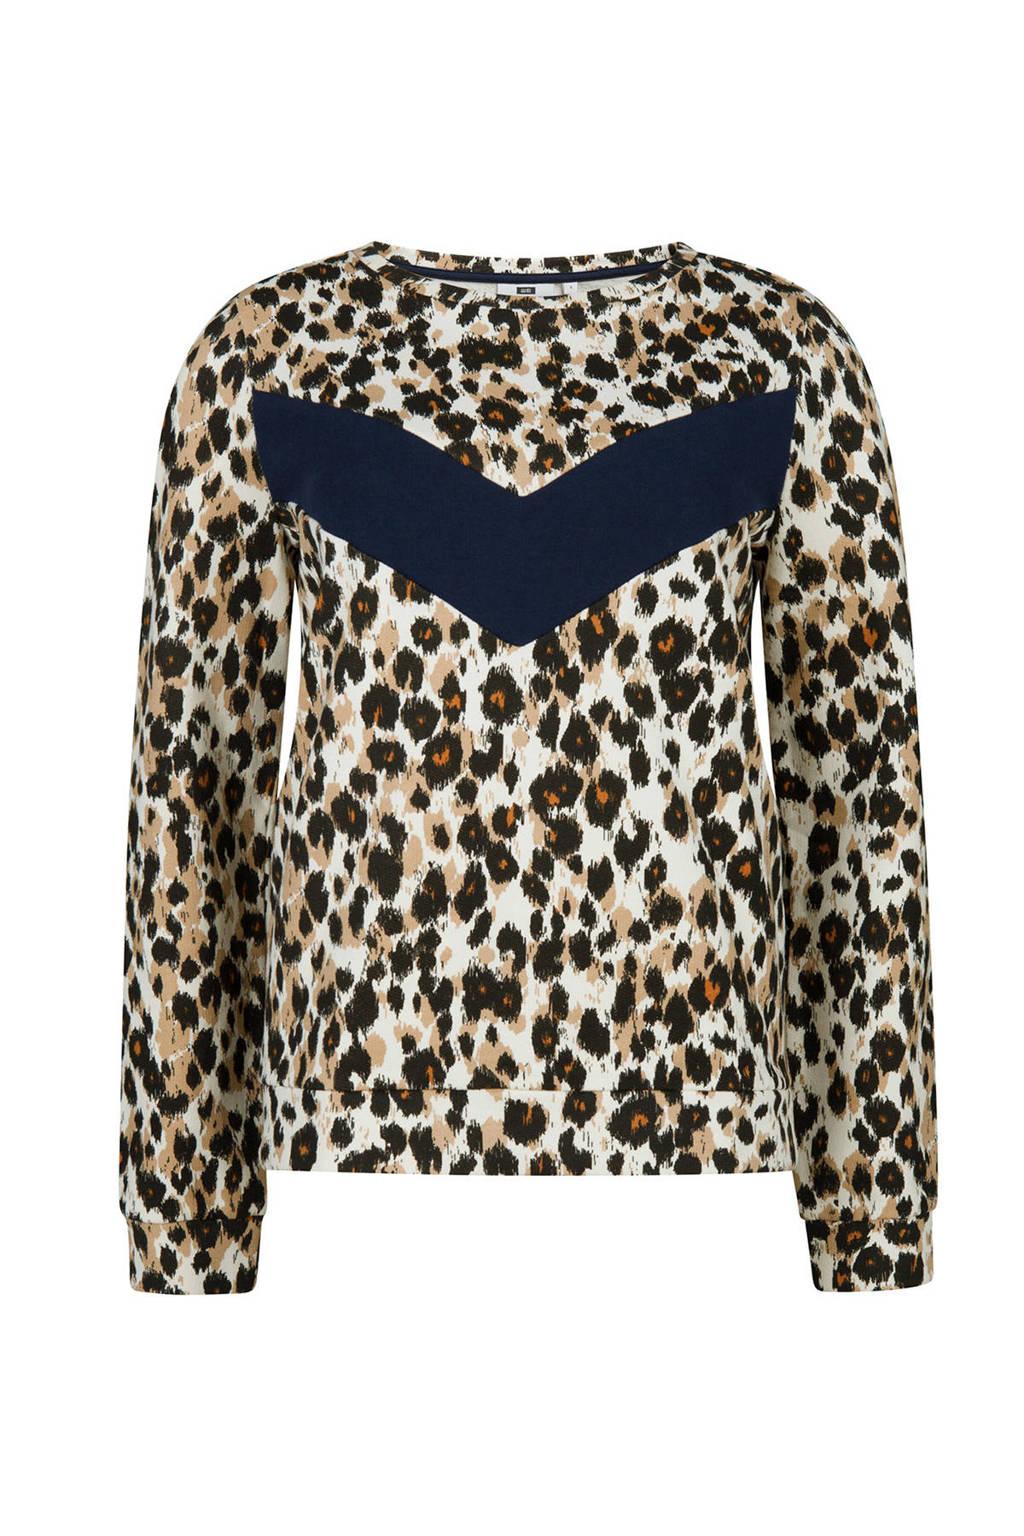 WE Fashion trui met dierenprint, Lichtbruin/zwart/blauw